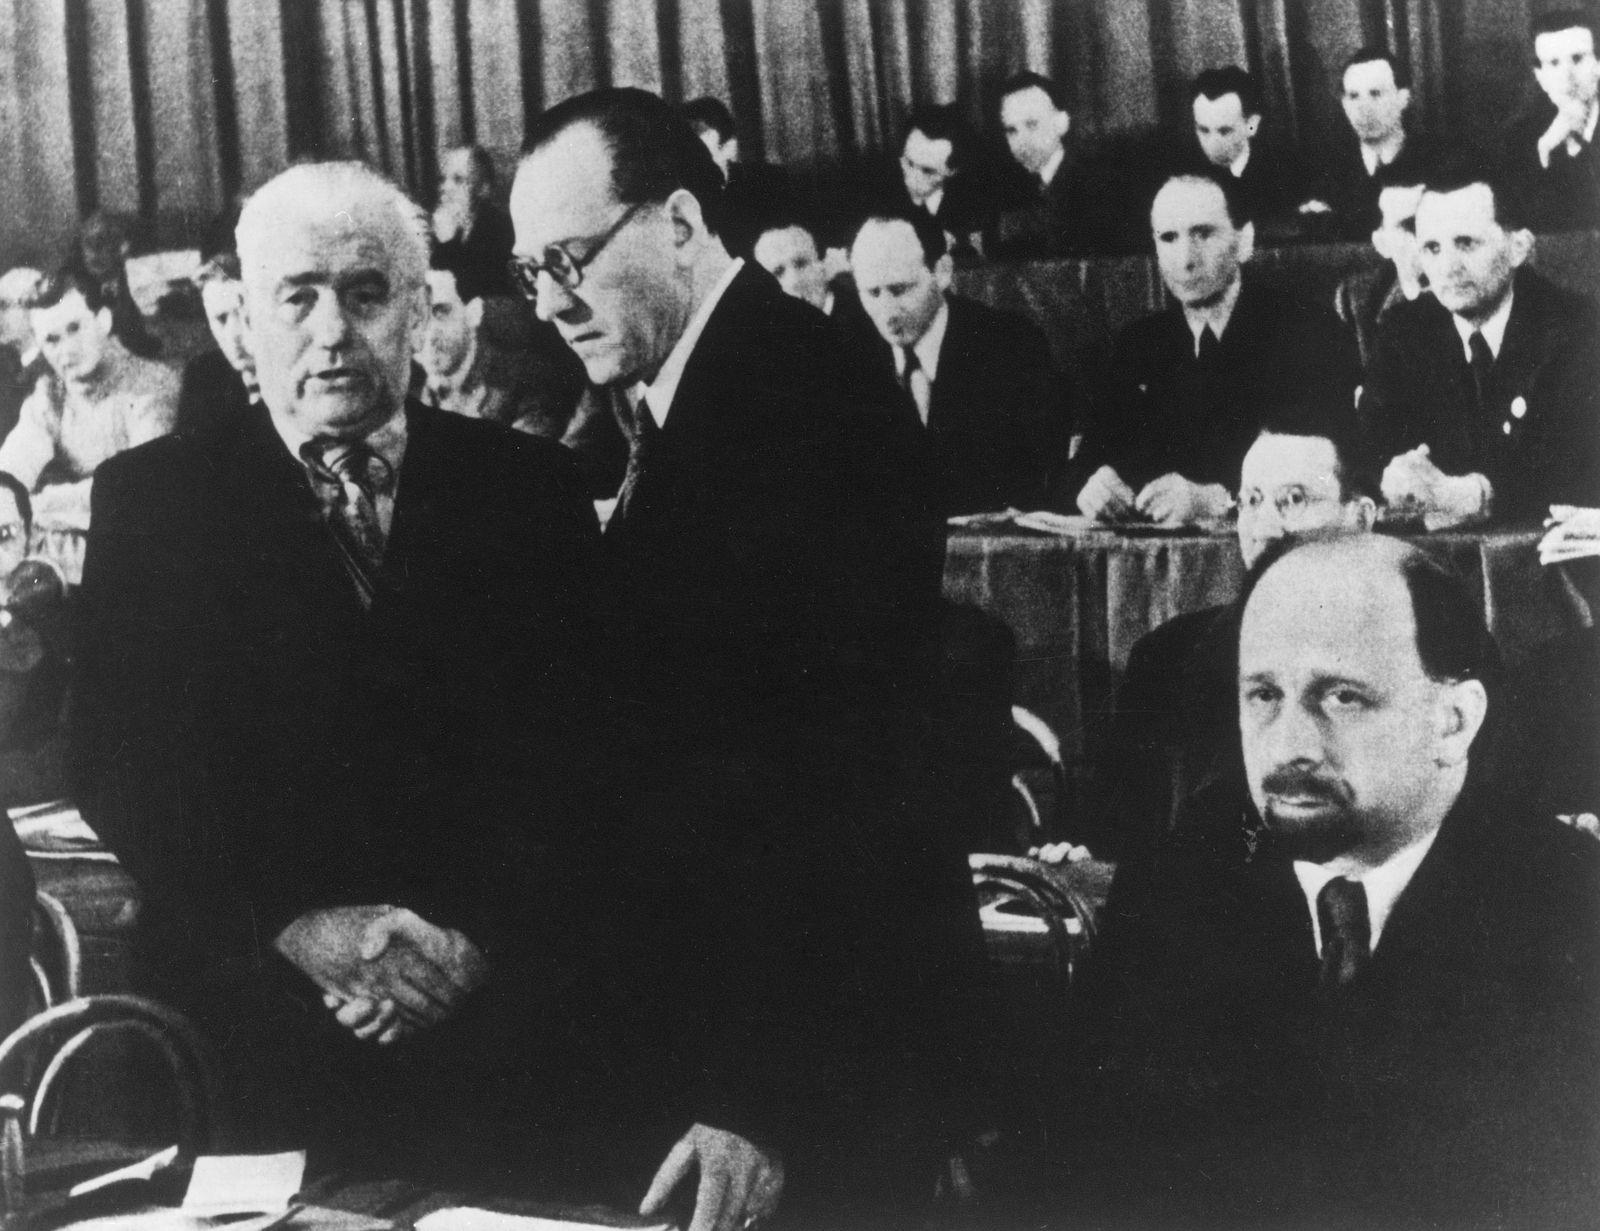 Vereinigungsparteitag von KPD und SPD zur SED im Berliner Admiralspalast am 21./22.April 1946: Wilhelm Pieck (KPD/links) und Otto Grotewohl (SPD/rechts) bei ihrem Händedruck. Rechts sitzend: Walter Ulbricht.